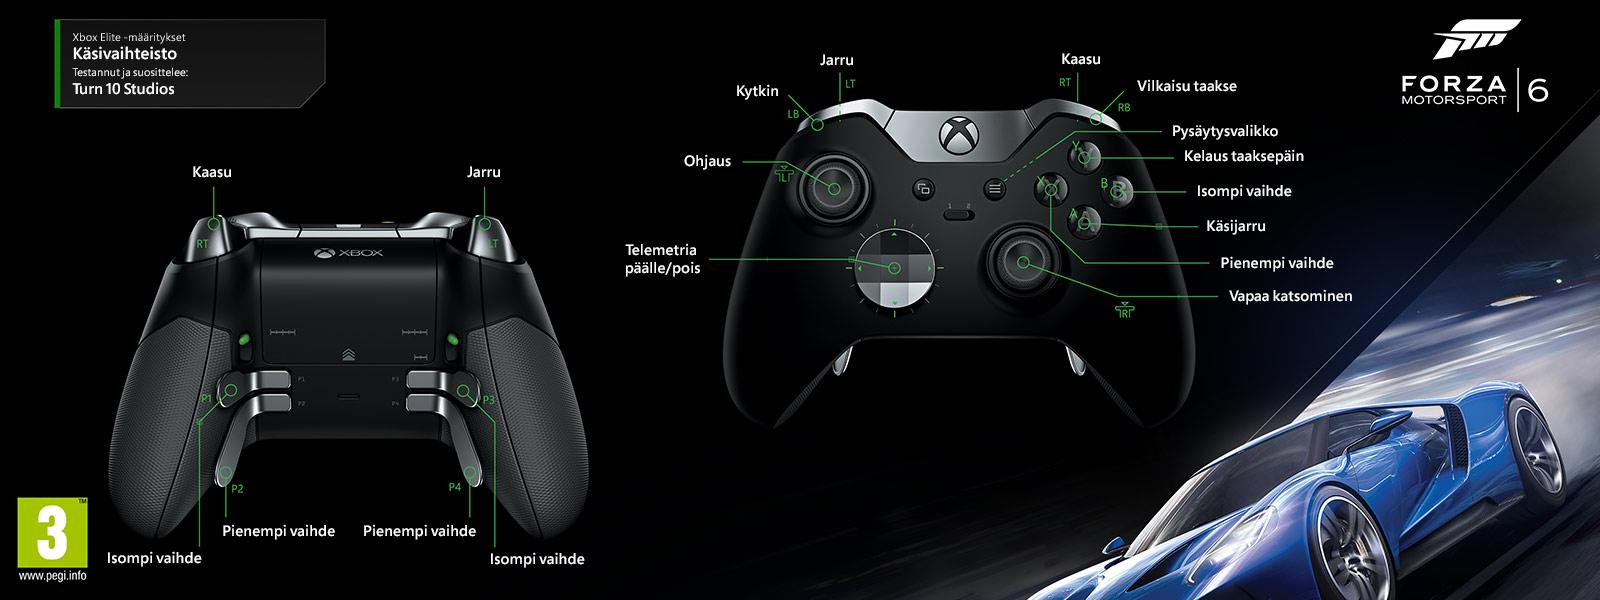 Forza Motorsport 6 – Elite-määritys manuaalivaihteille